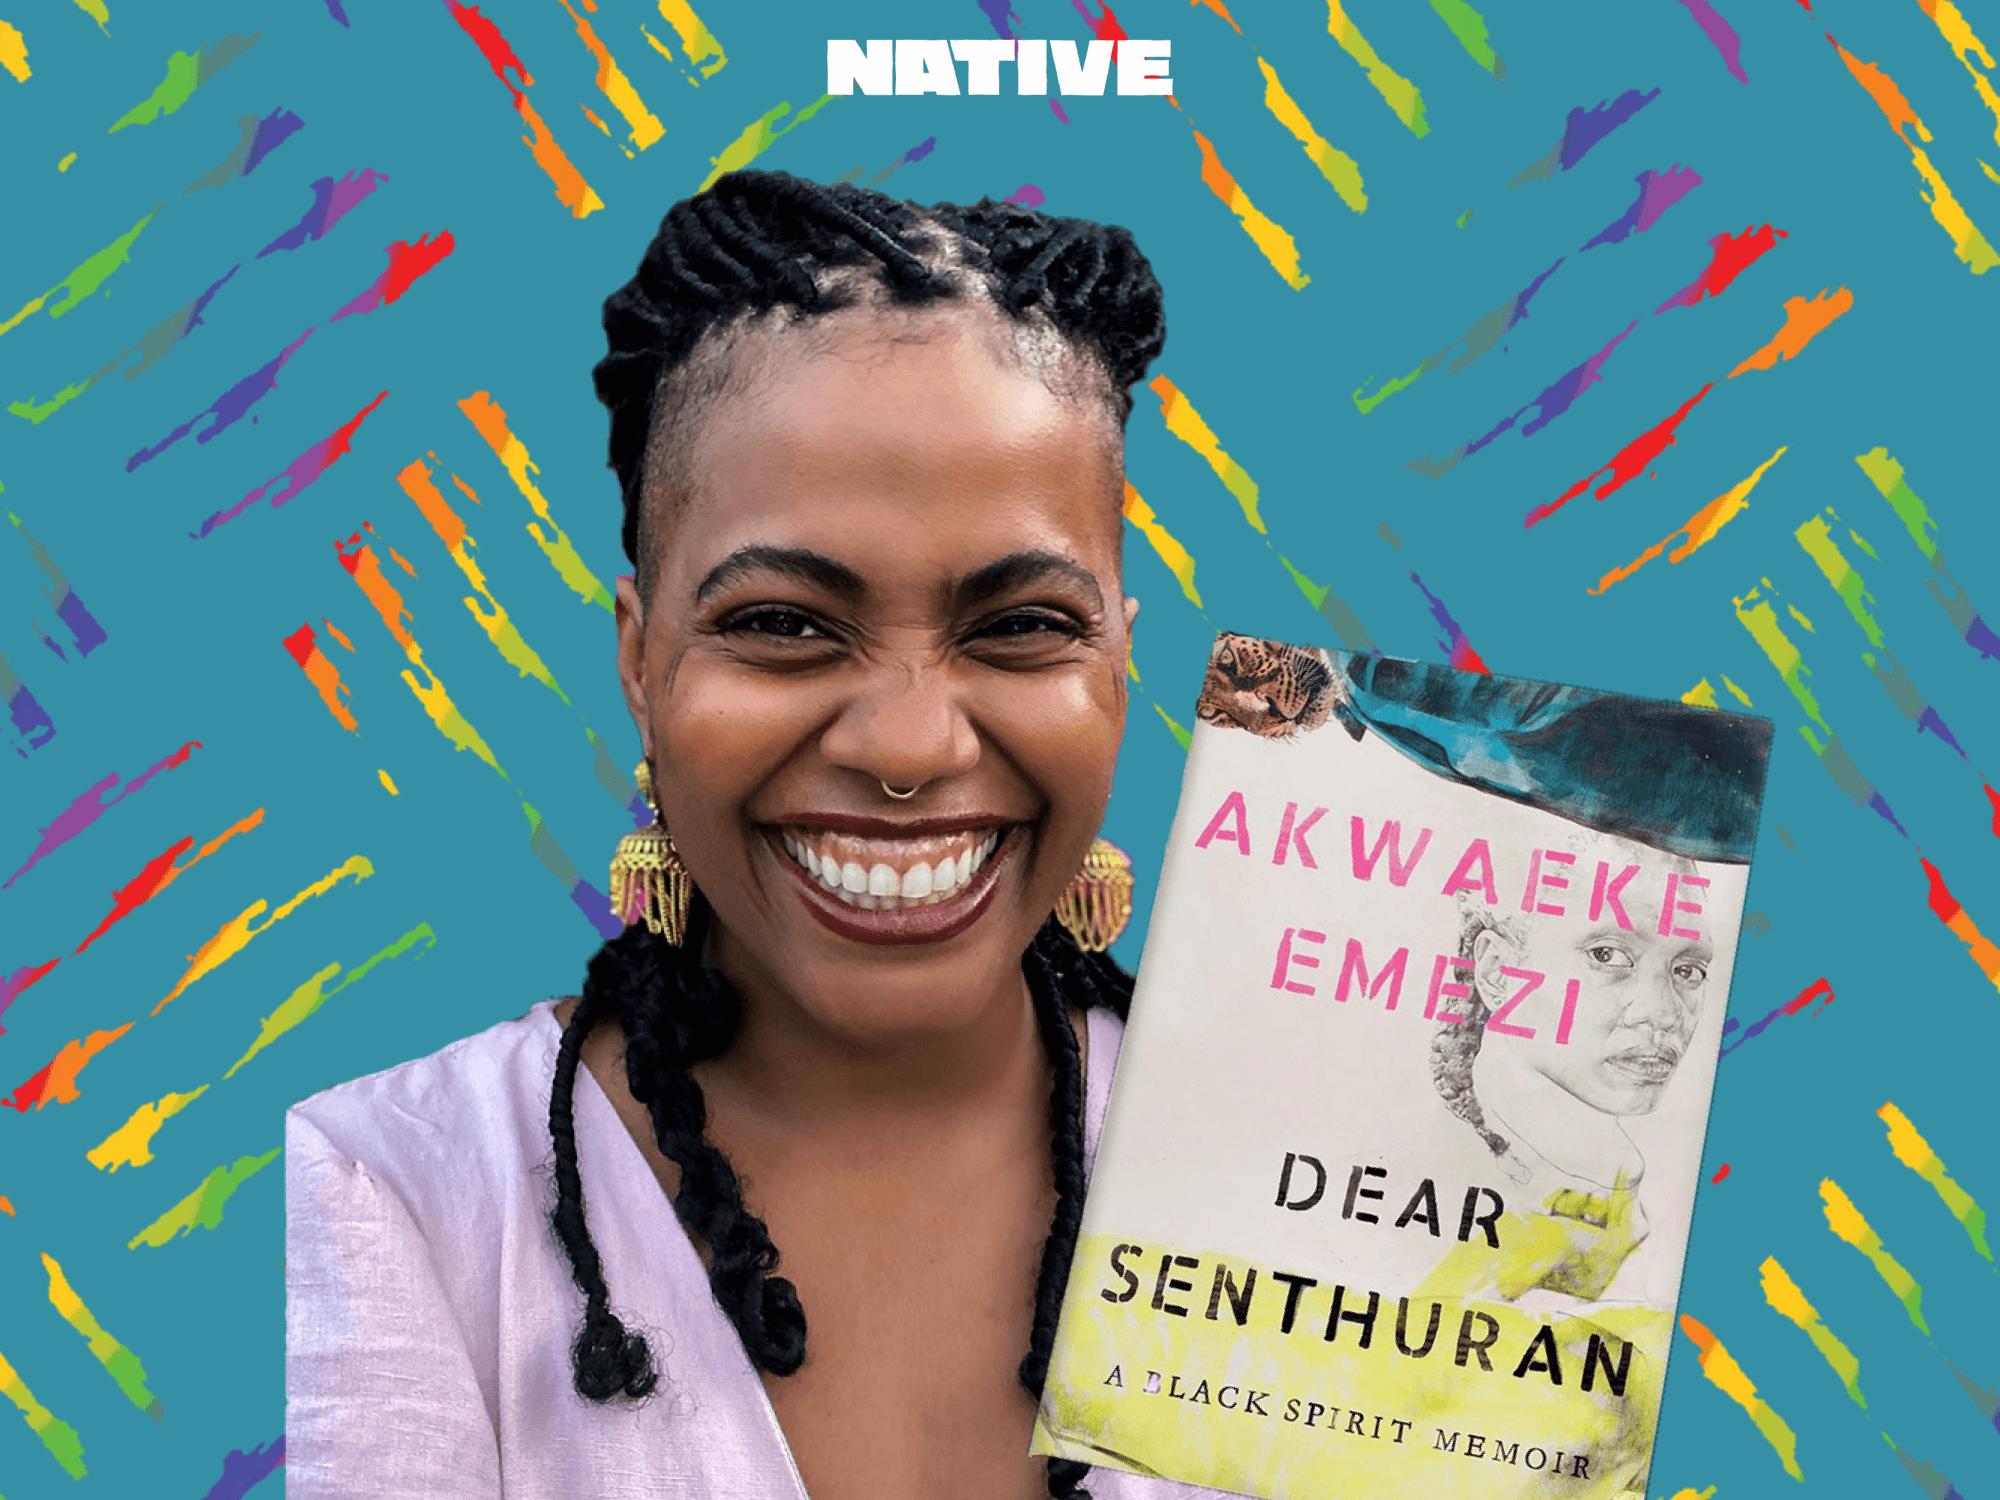 Akwaeke Emezi publishes their memoir, 'Dear Senthuran: A Black Spirit Memoir'